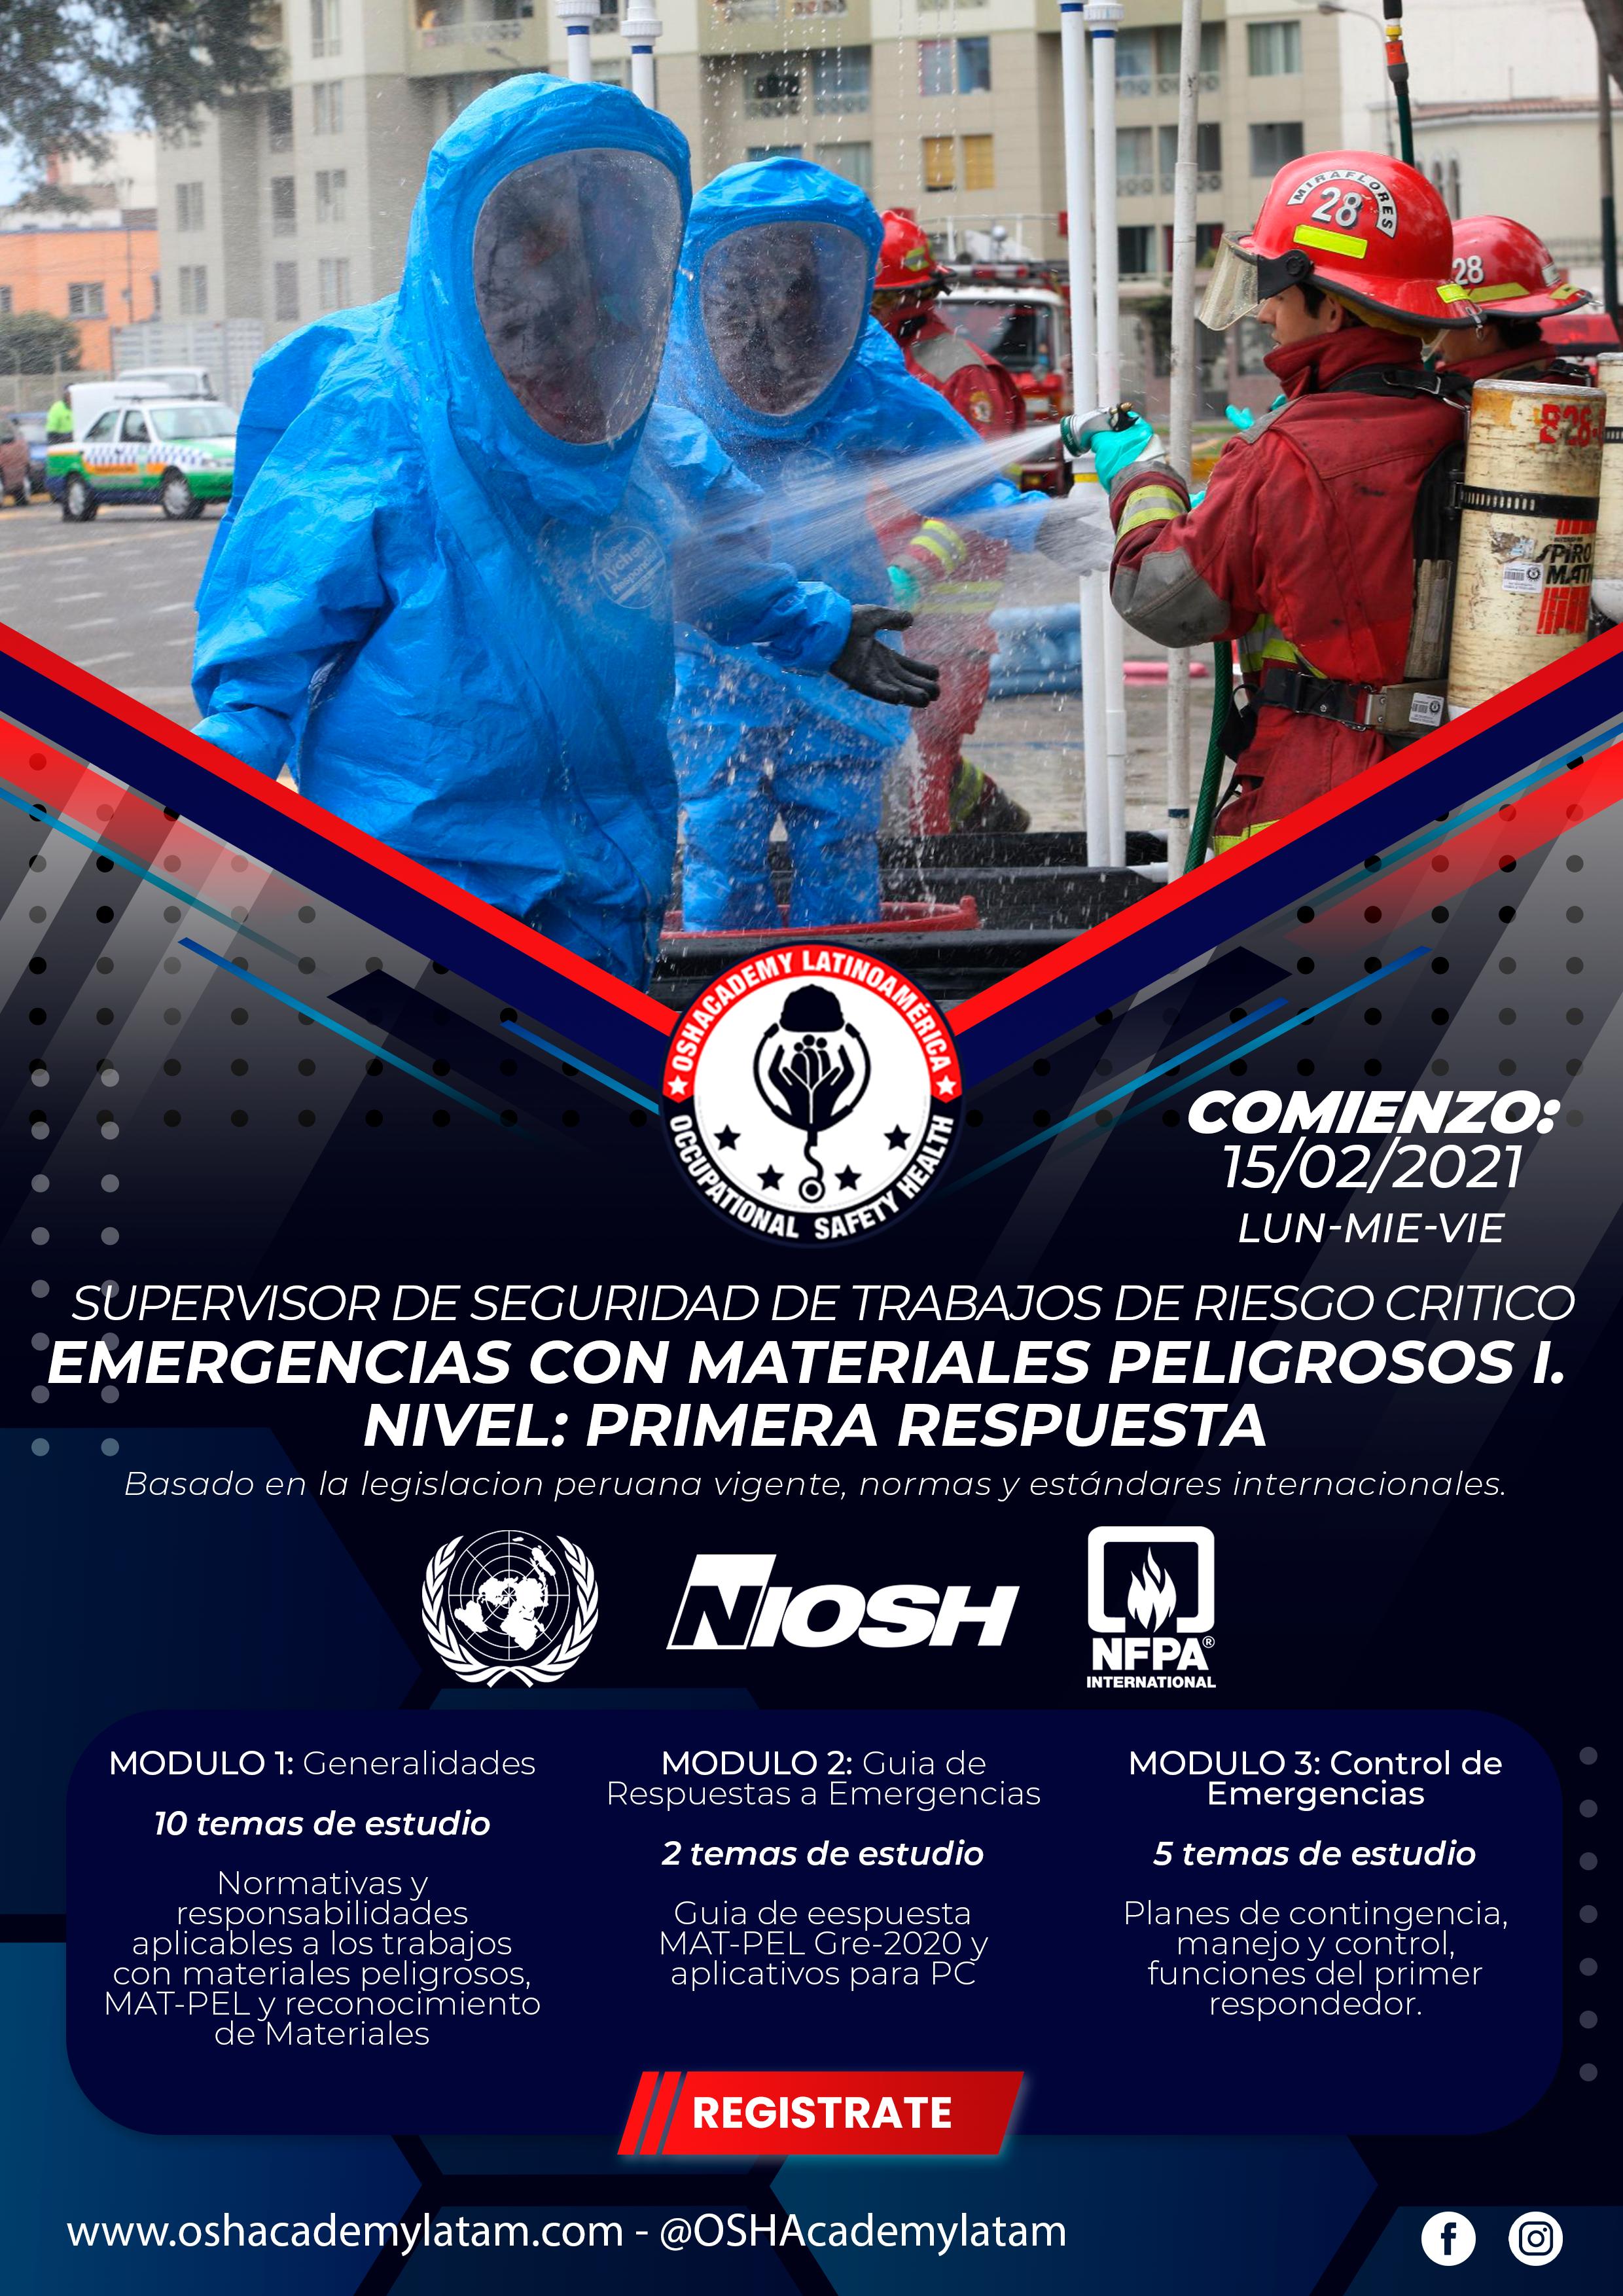 RESPUESTA Y CONTROL DE EMERGENCIAS CON MATERIALES PELIGROSOS I. NIVEL: PRIMERA RESPUESTA.